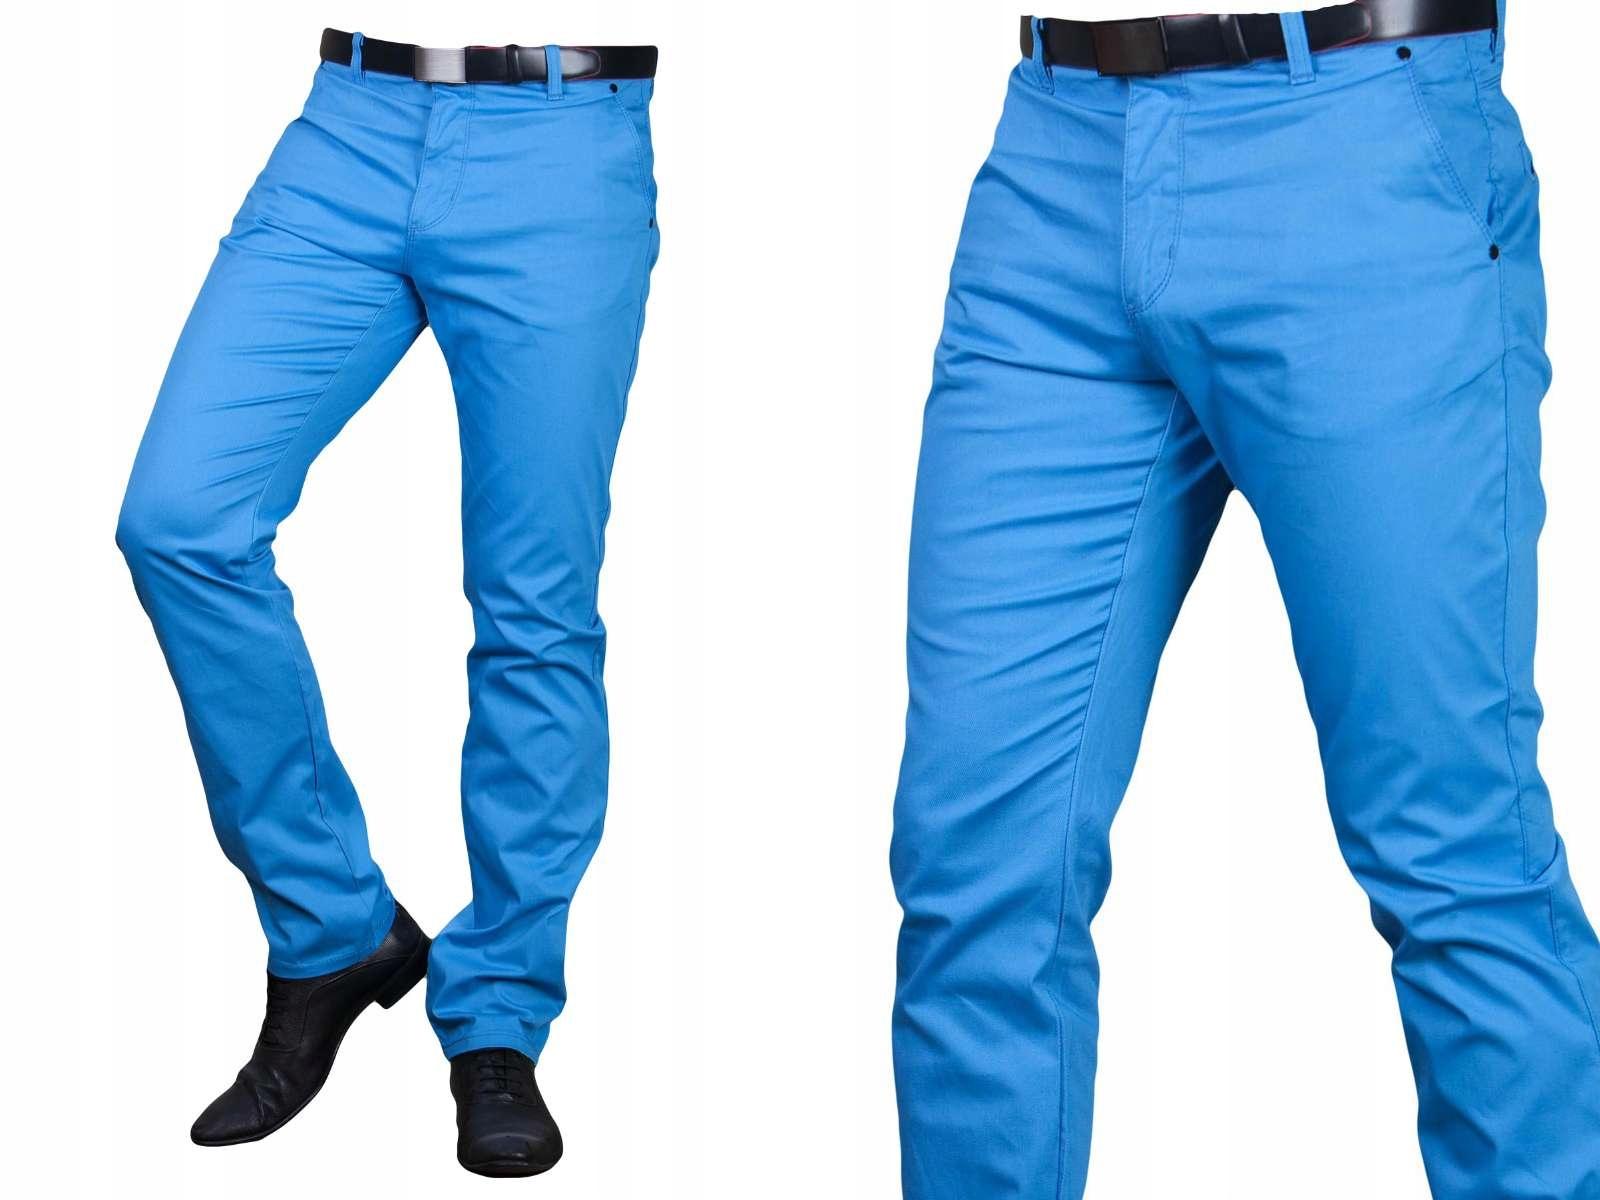 c039a38ddea7f Spodnie wizytowe lazurowe 2501 fashionmen2 rozm.30 - 7186830872 ...